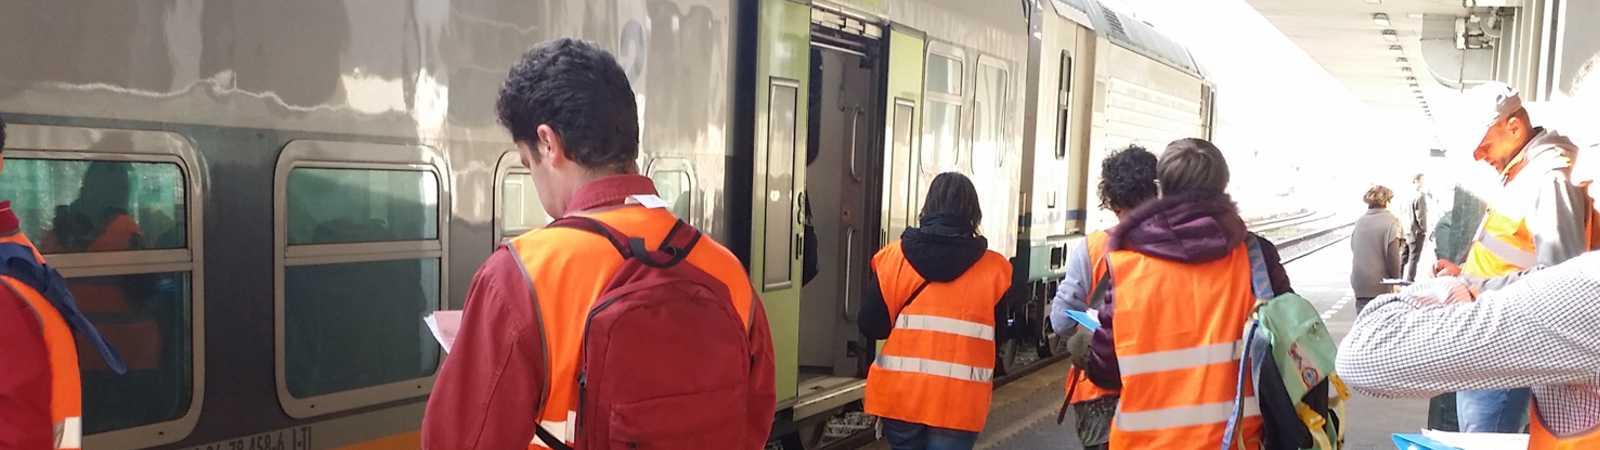 Ancona, Bari, Bergamo, Bologna, Brindisi, Cagliari, Como, Jesolo, Trento, Venezia e Vicenza: ricerca Mystery Client per indagini sul trasporto pubblico